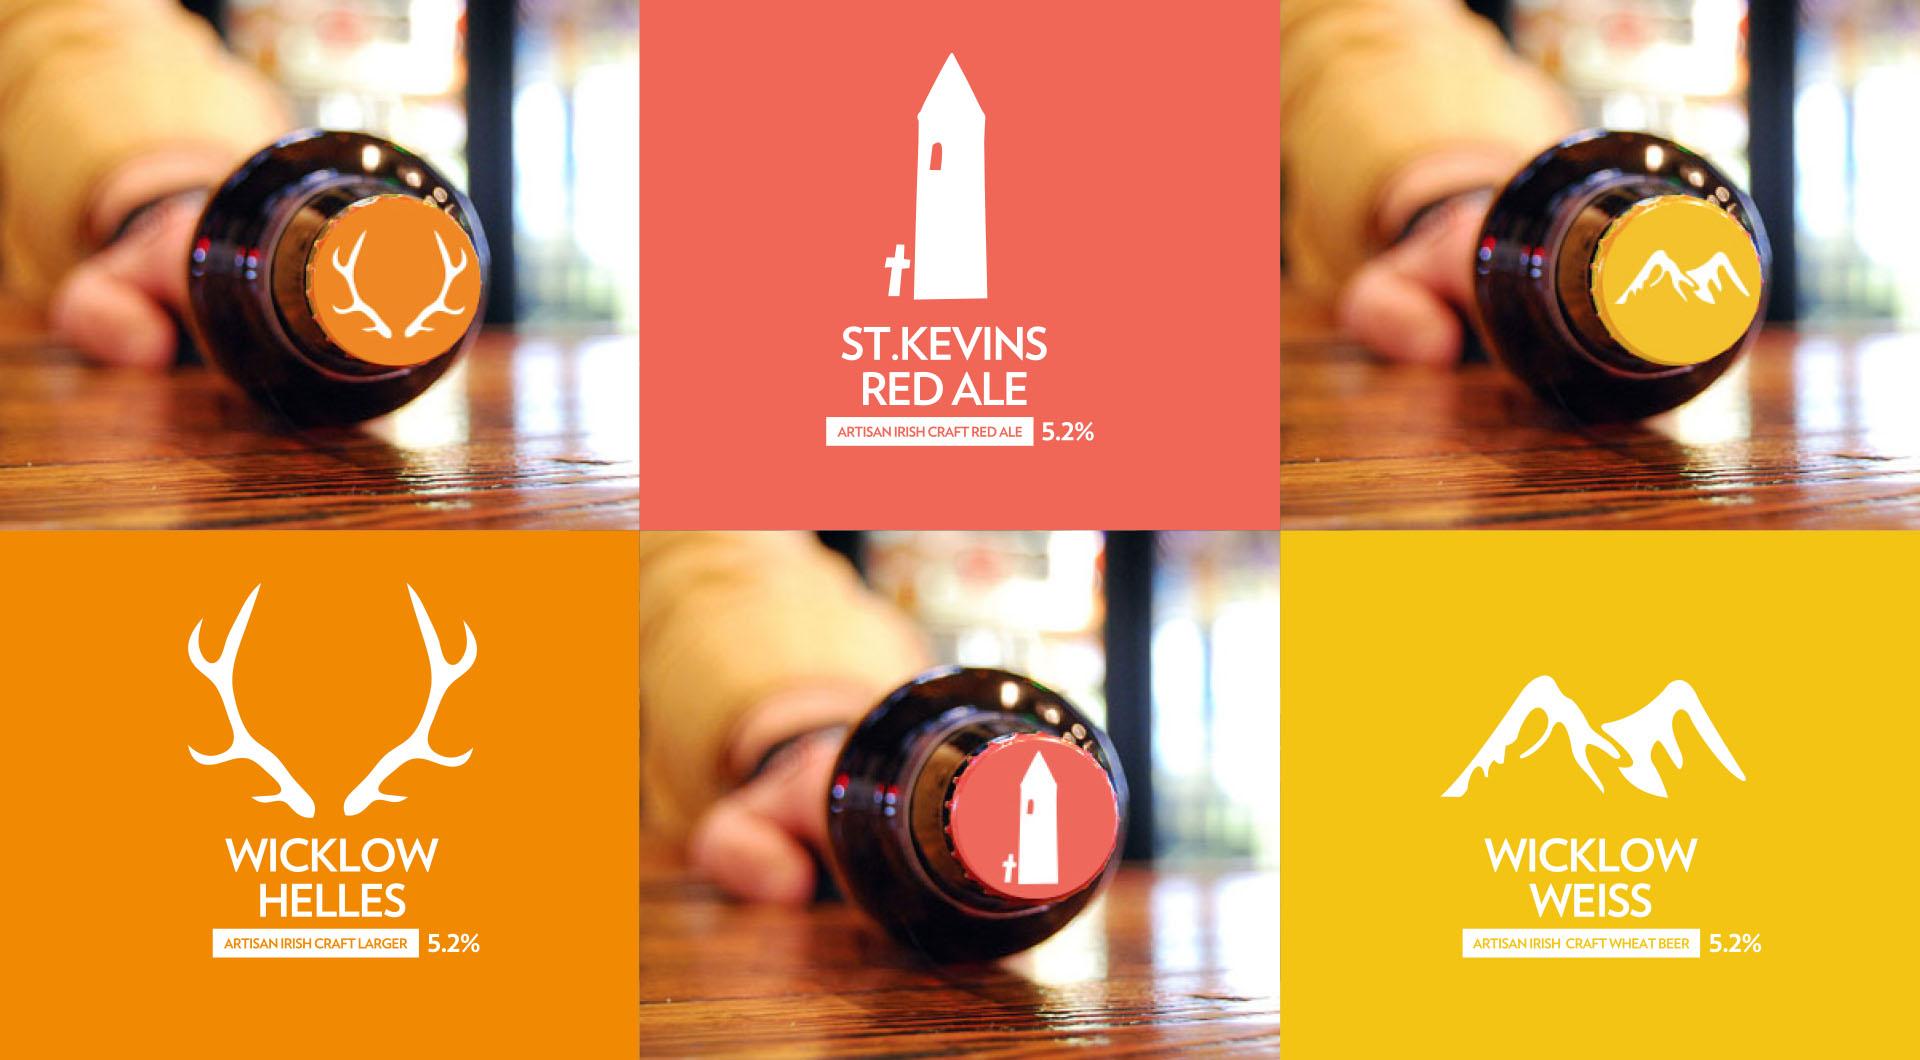 Wicklow Brewery Beer bottle design, beer packaging design, bottle tops.